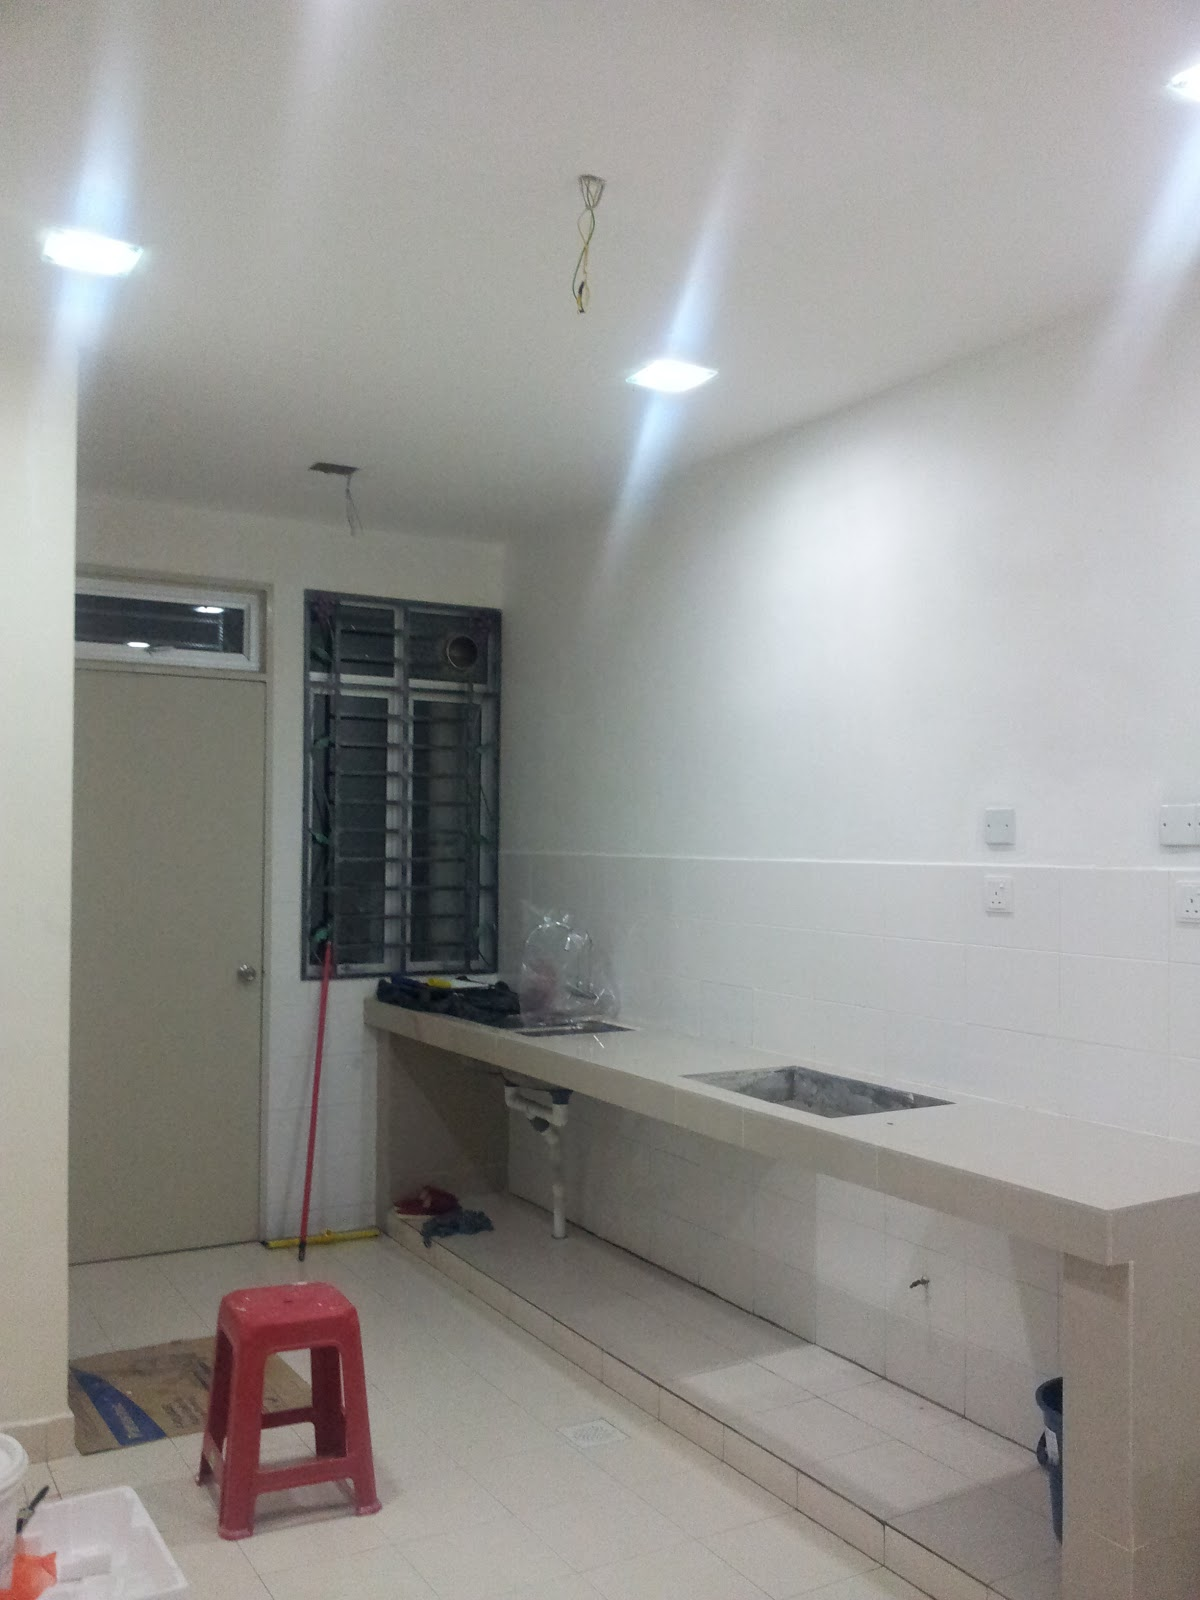 Dapur Nampak Tak Point Lampu Tambahan Tu Kotak 4segi Mcm Dlight